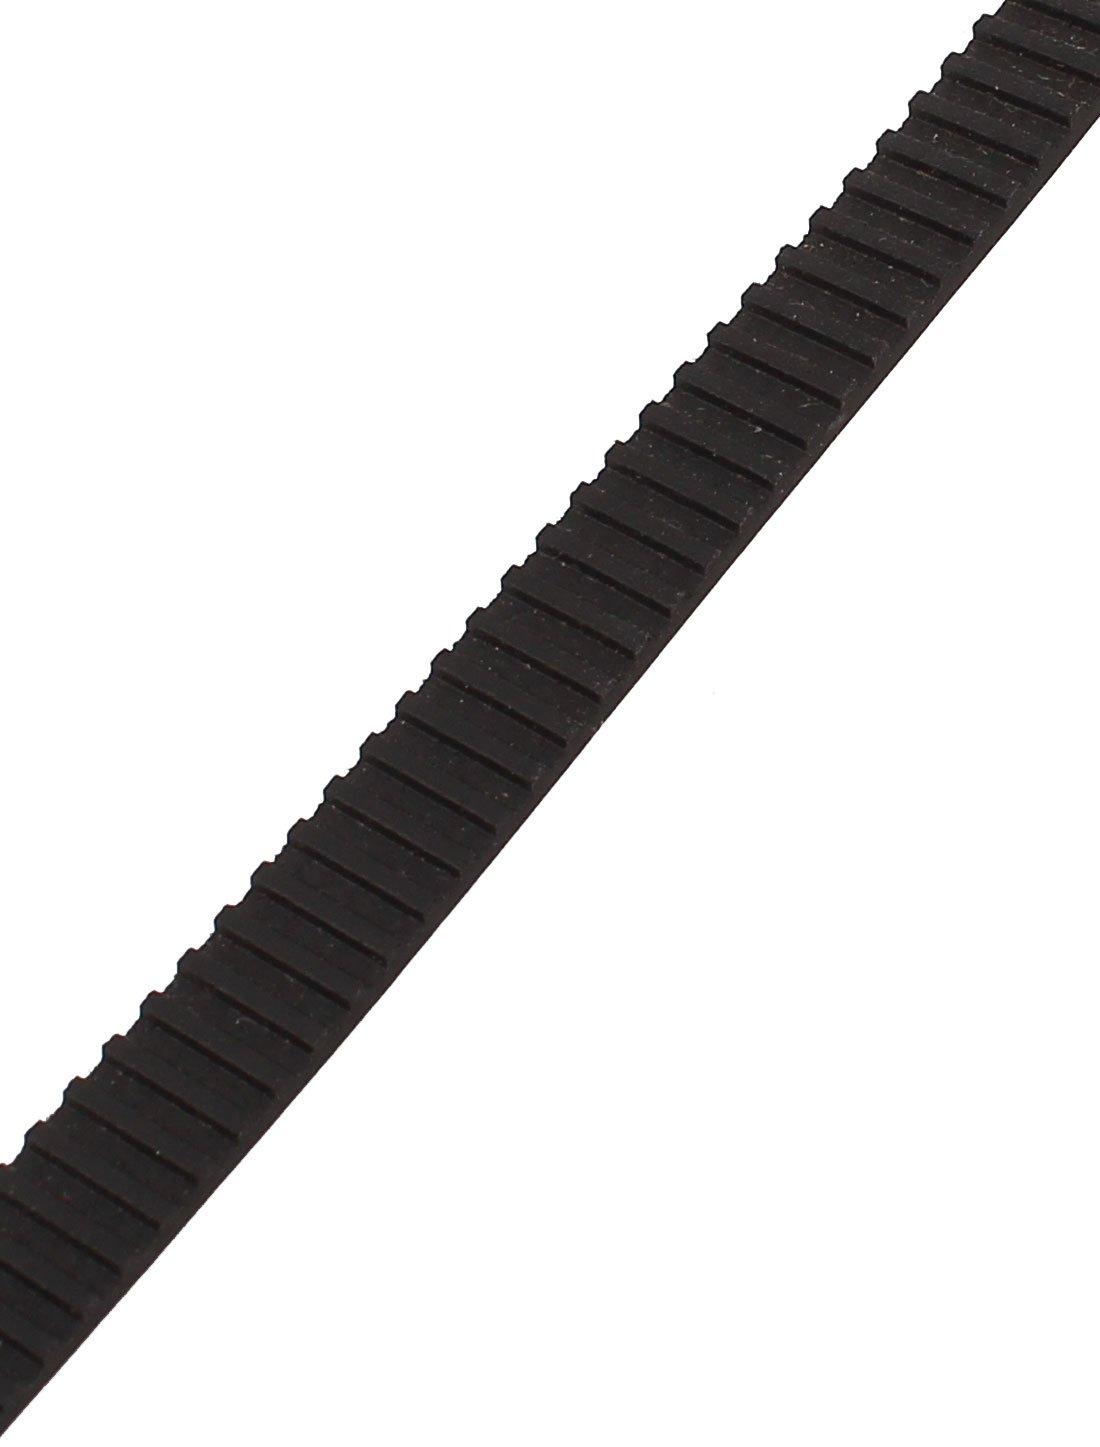 192/MXL 025/240/Z/ähne 2.032/mm bis 6,4/mm Breite Industrielle f/ür Zahnriemen